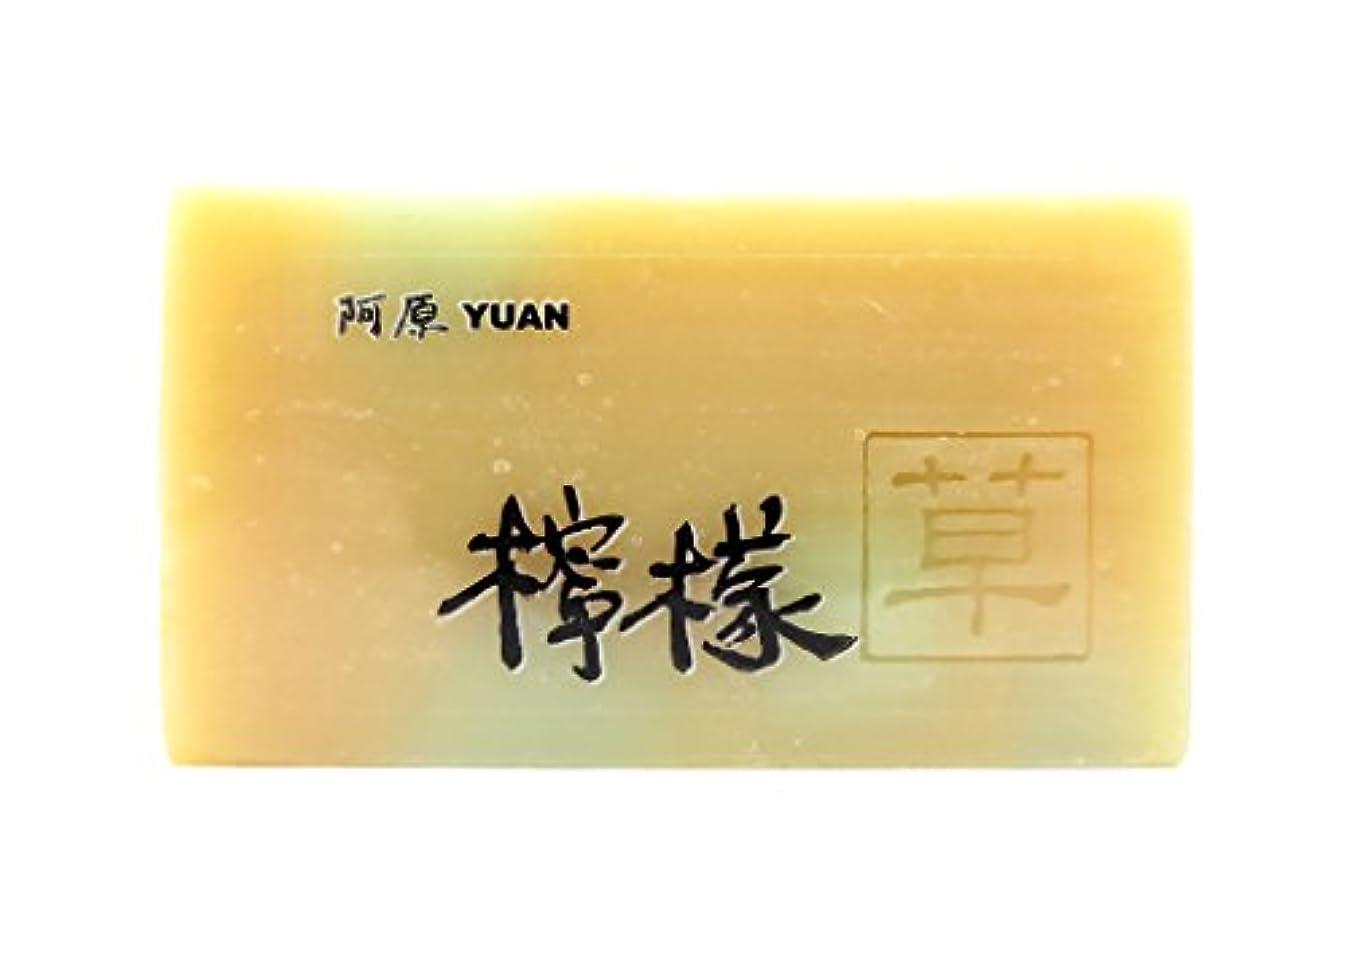 導入する露出度の高いボトルネックユアン(YUAN) レモンソープ 固形 100g (阿原 ユアンソープ)